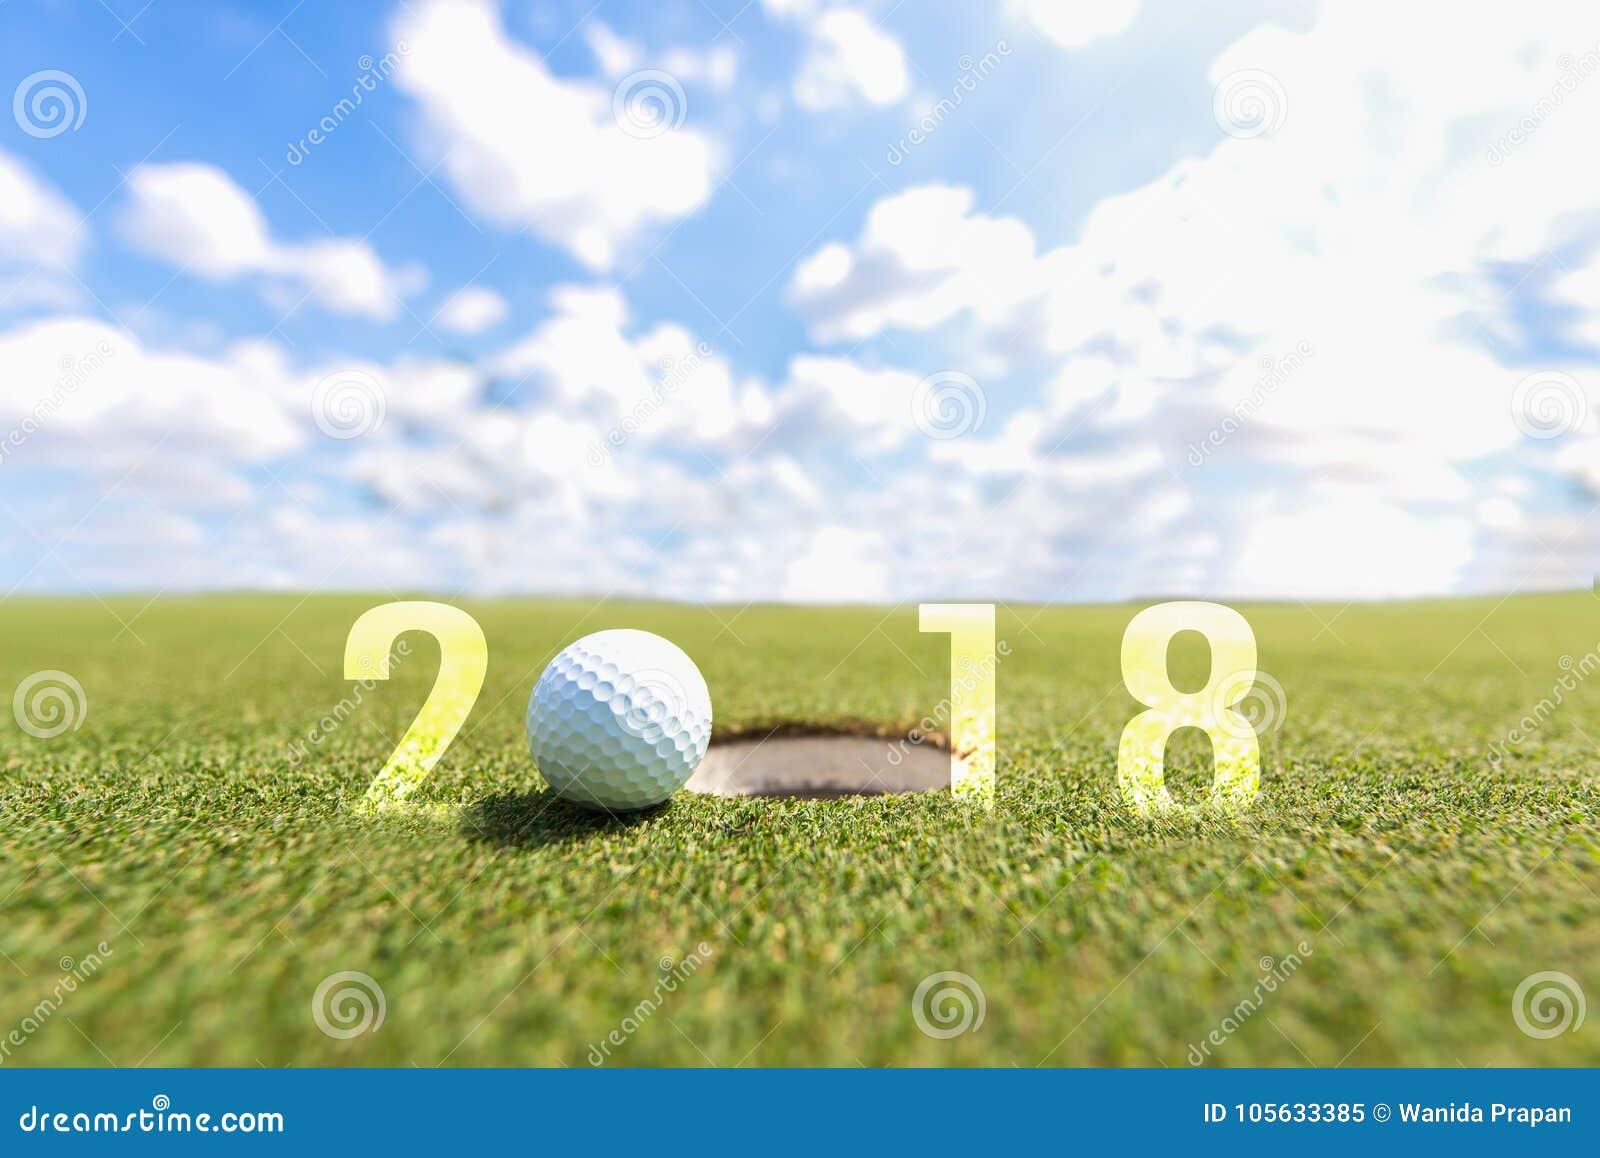 Image conceptuelle de sport de golf Bonne année 2018 Boule de golf sur le fairway vert